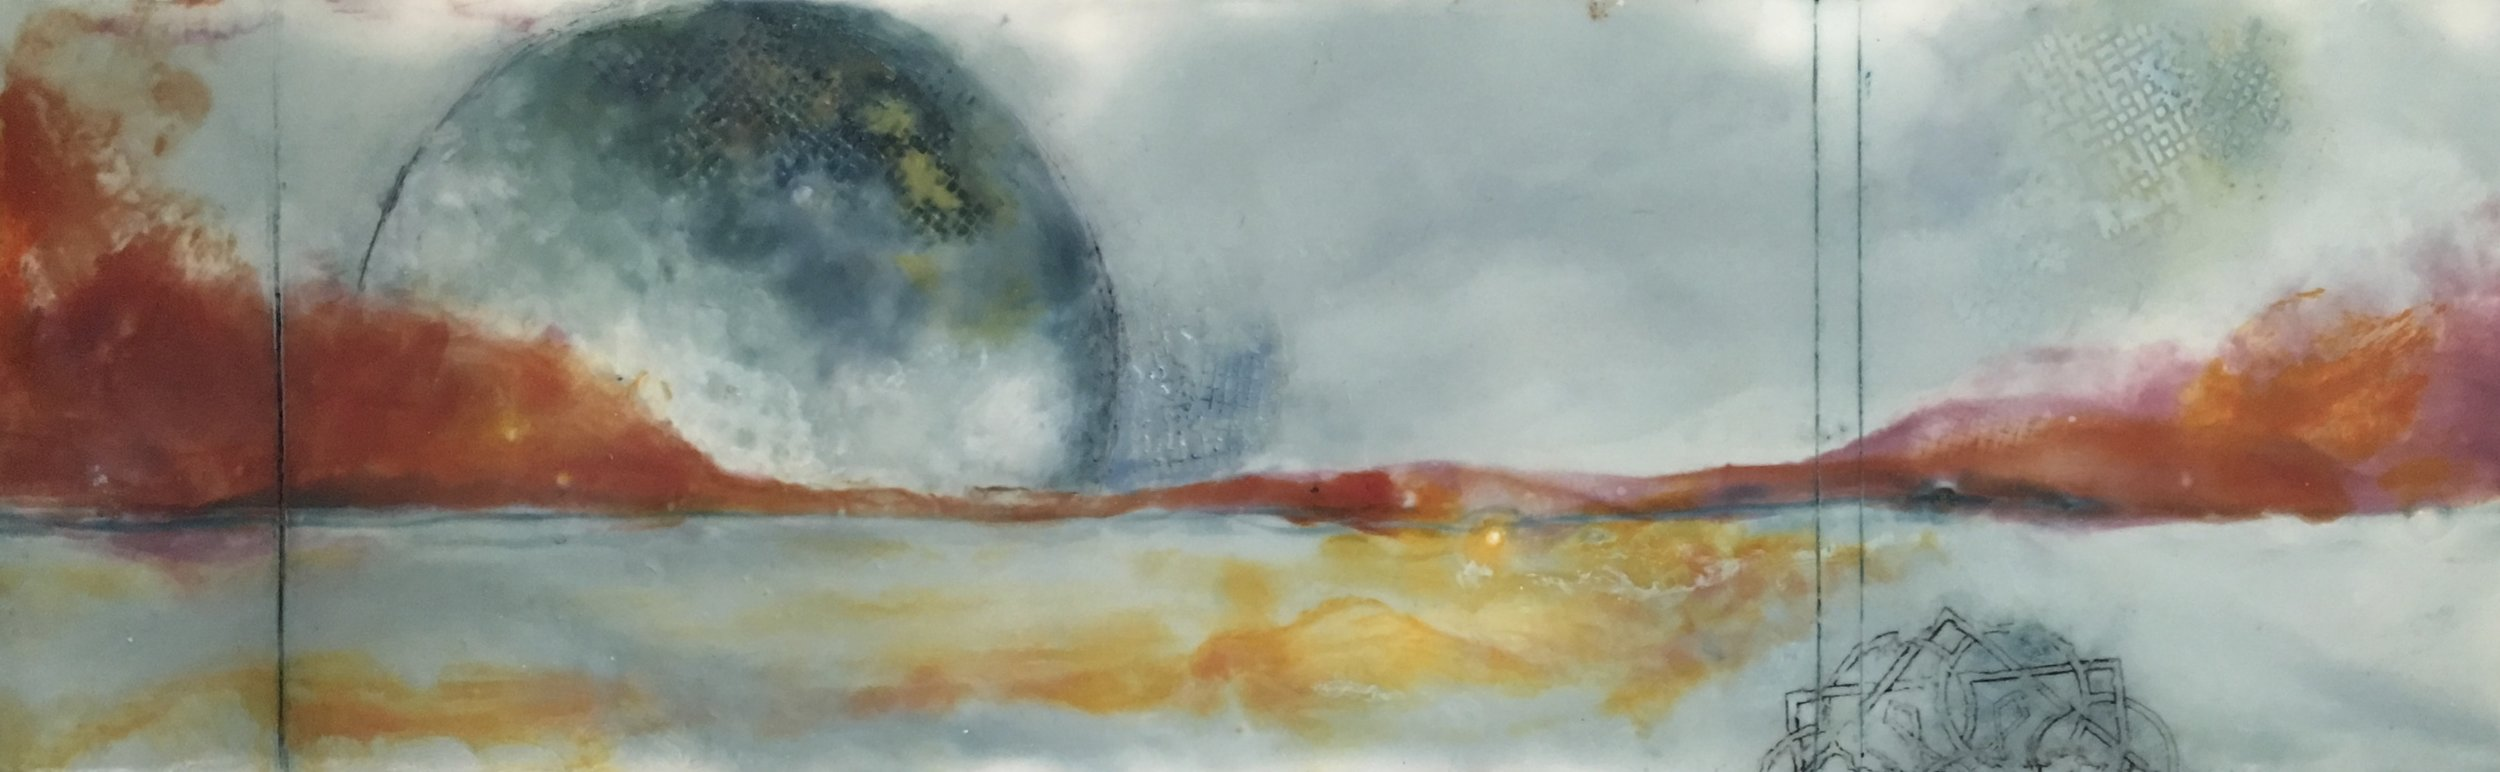 Landscape 3